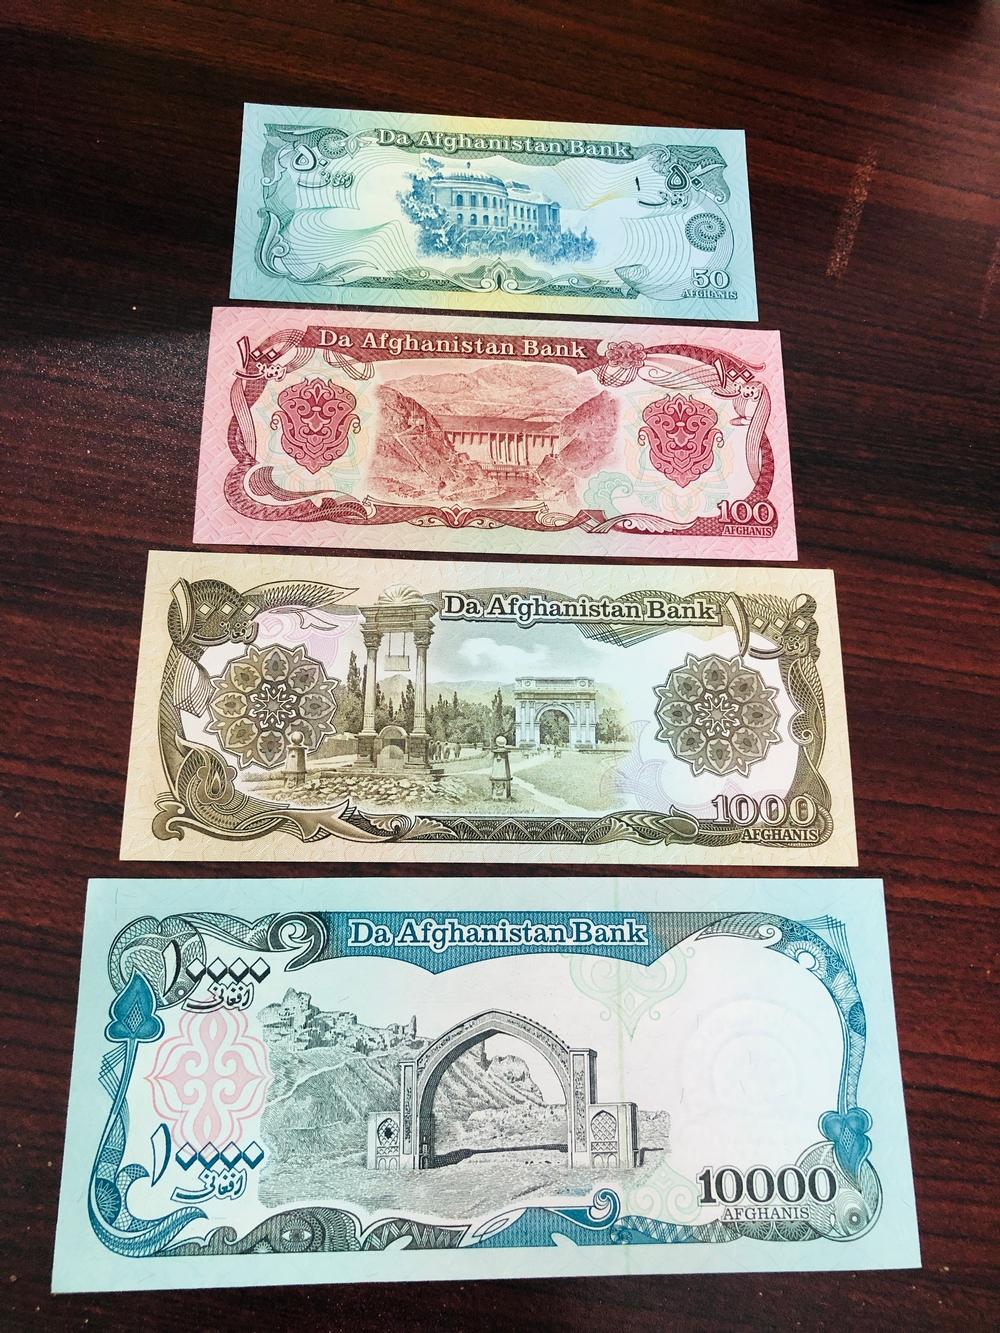 Bộ 4 tờ tiền giấy Afghanistan xưa, sưu tầm tiền cổ đất nước trung á